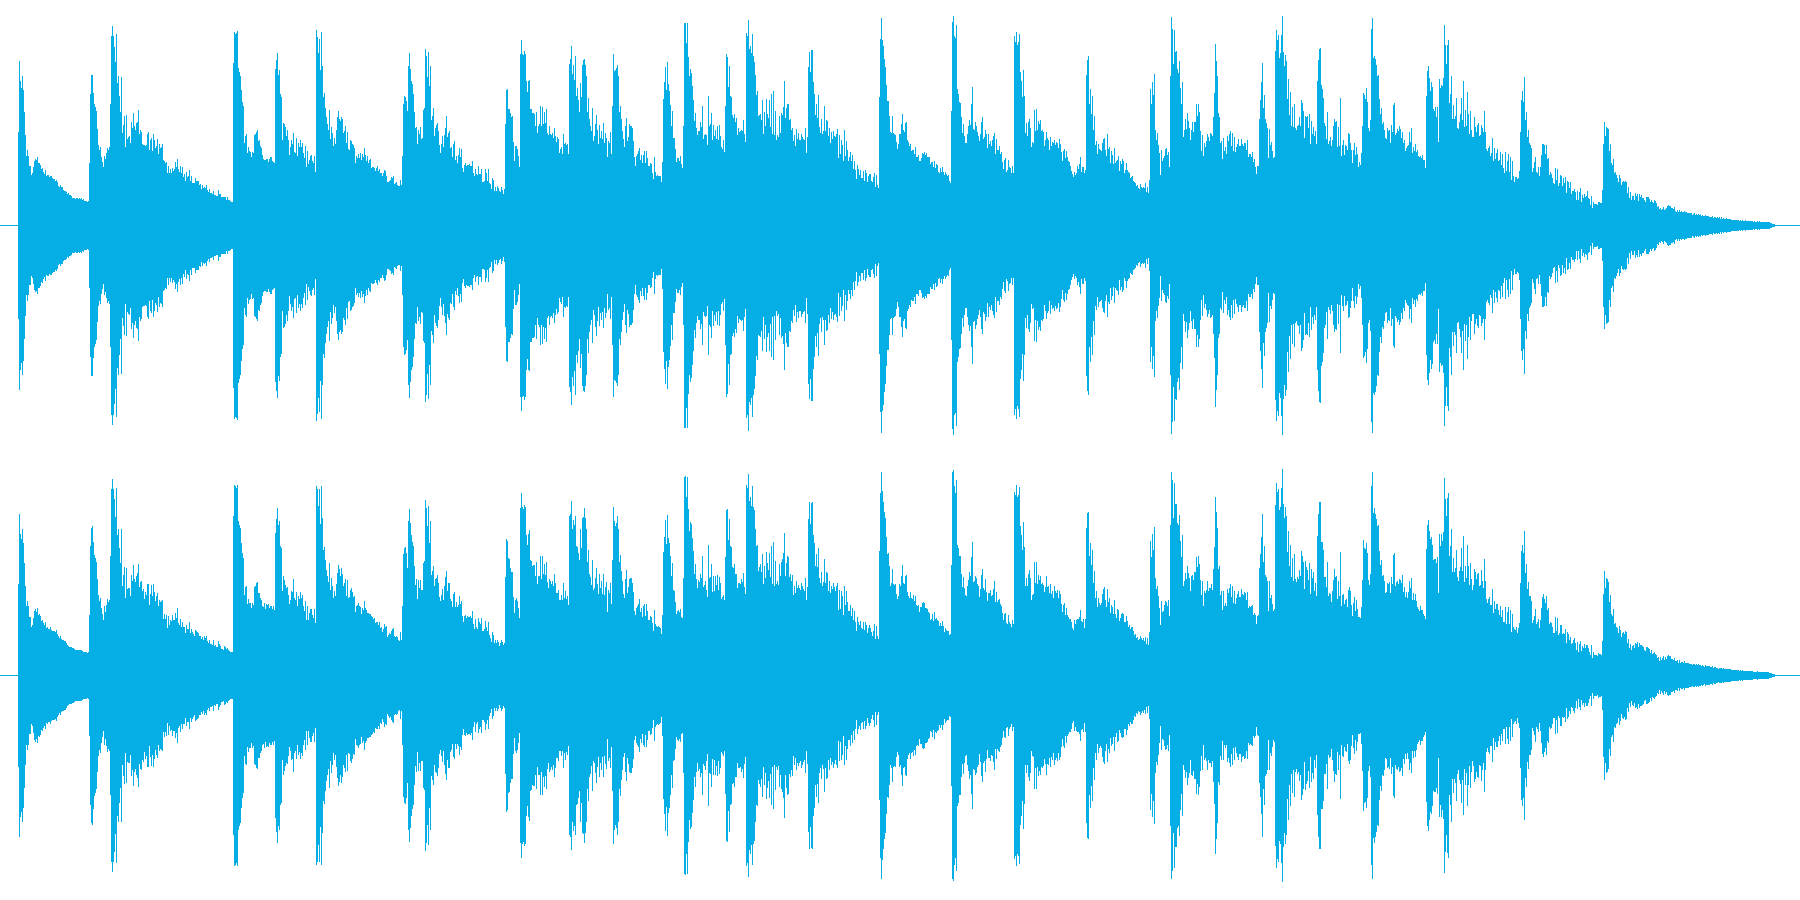 キラキラキラ(高い連続した金属音)の再生済みの波形